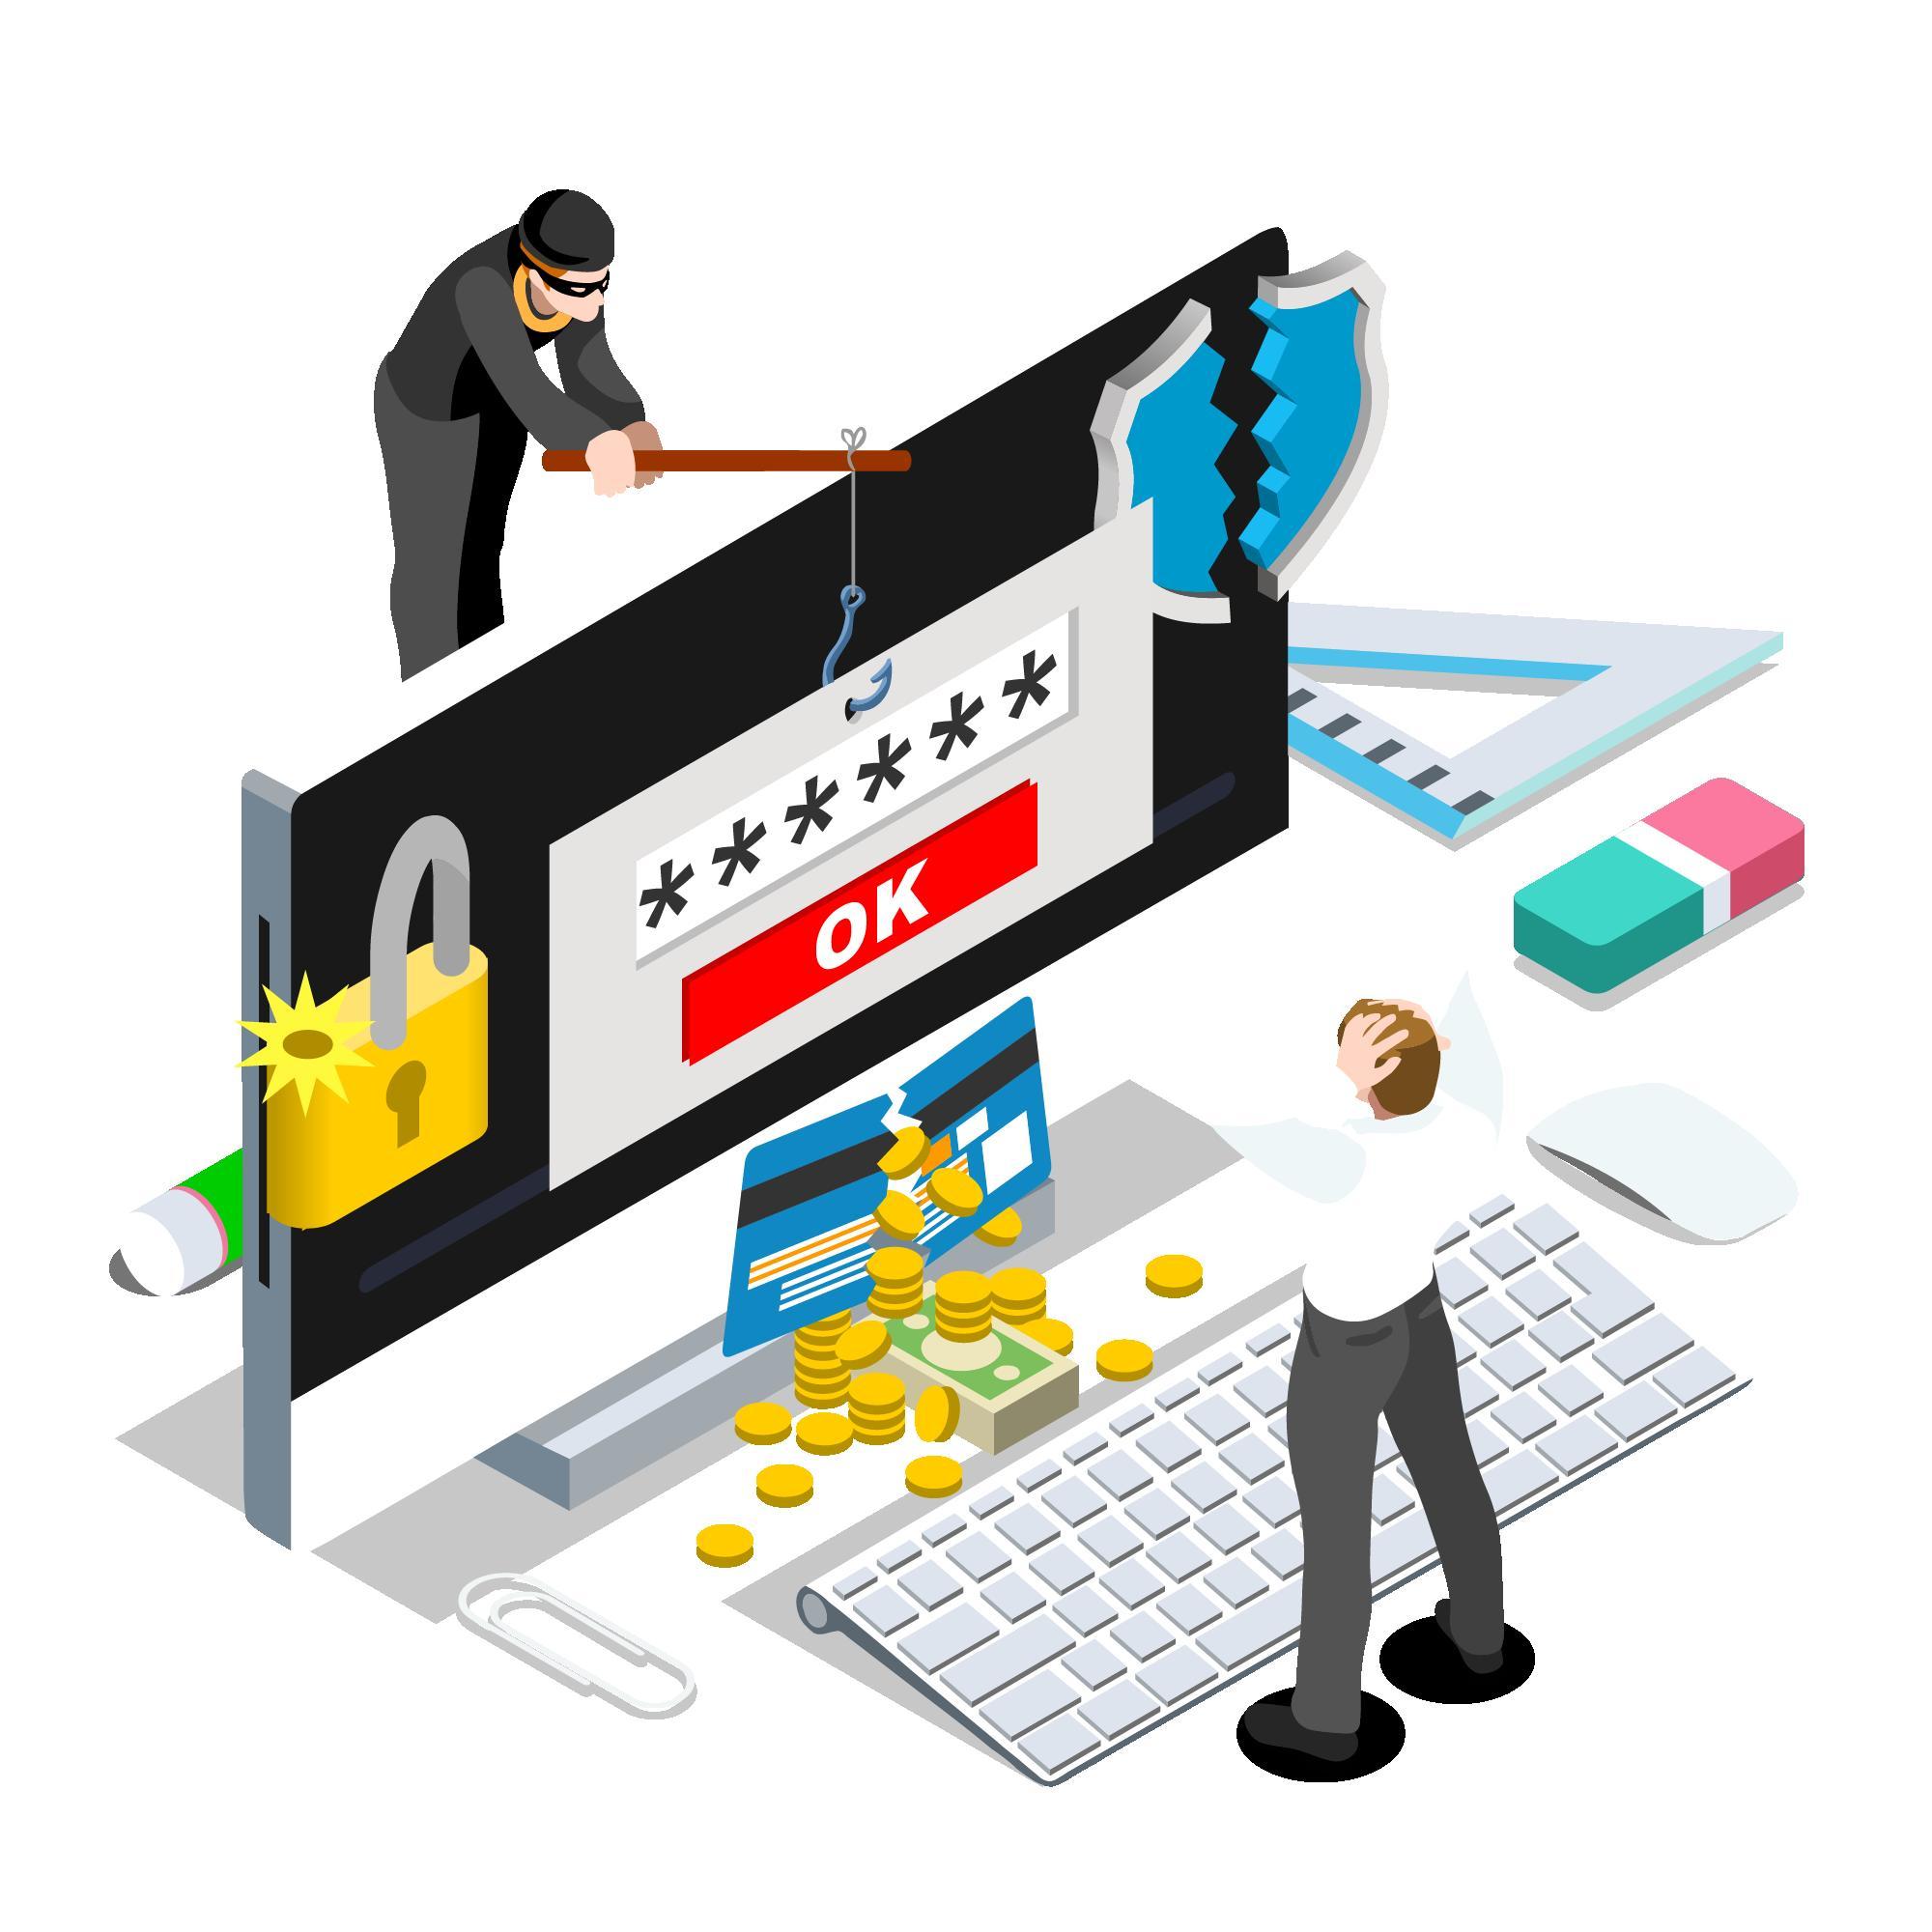 Empresas colombianas no están preparadas ante ciberataques